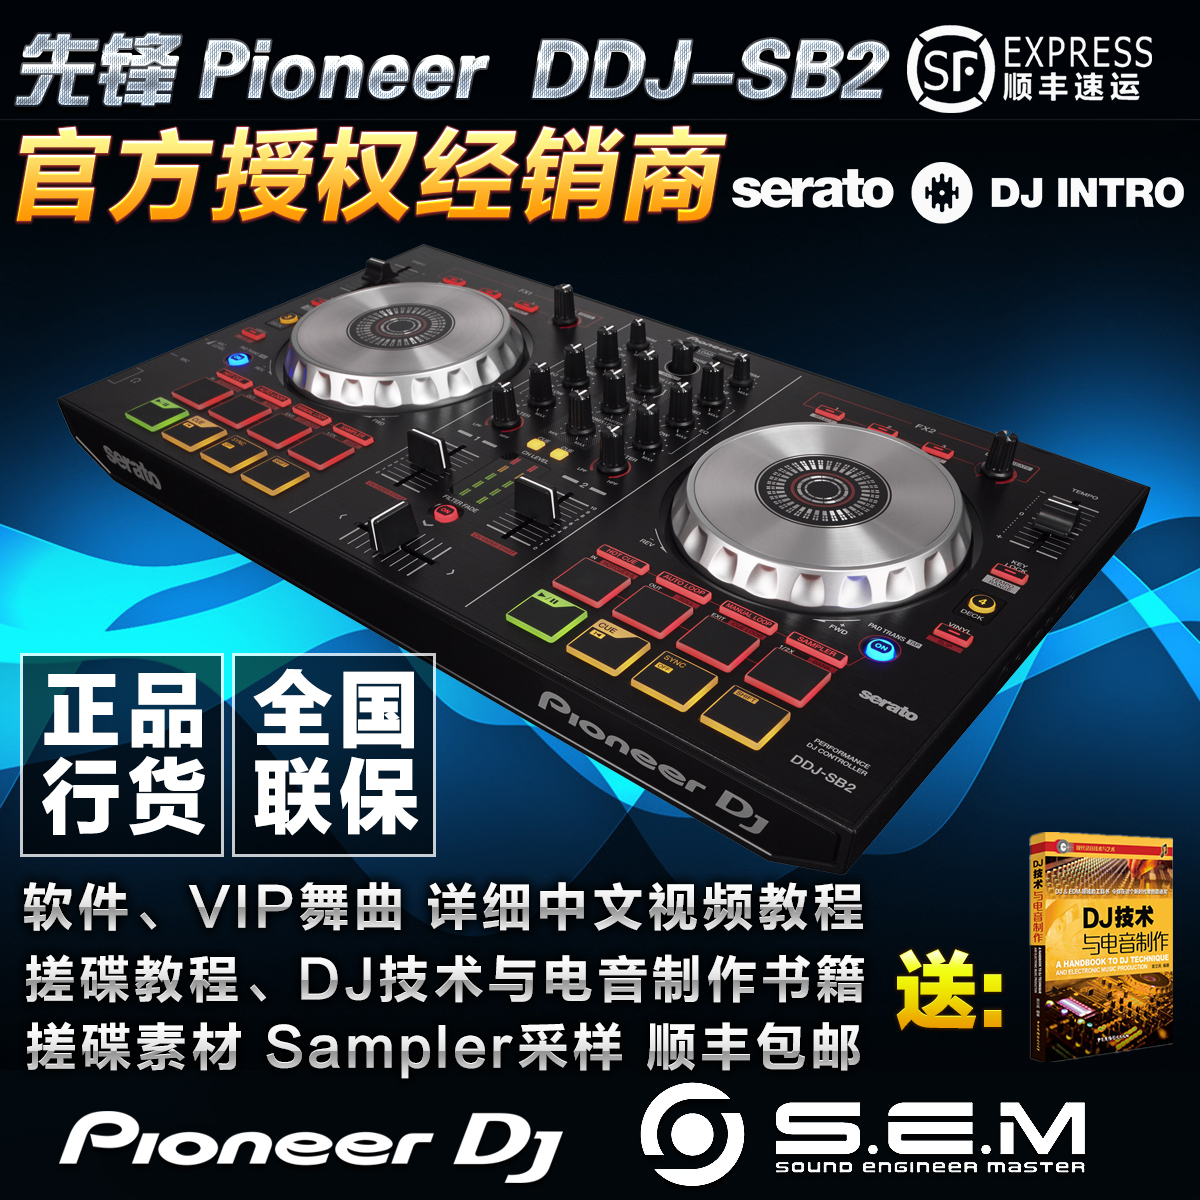 Пионер Pioneer DDJ-SB2 SB3 RB цифровой DJ контролер борьба блюдо машинально отправить в культура курс